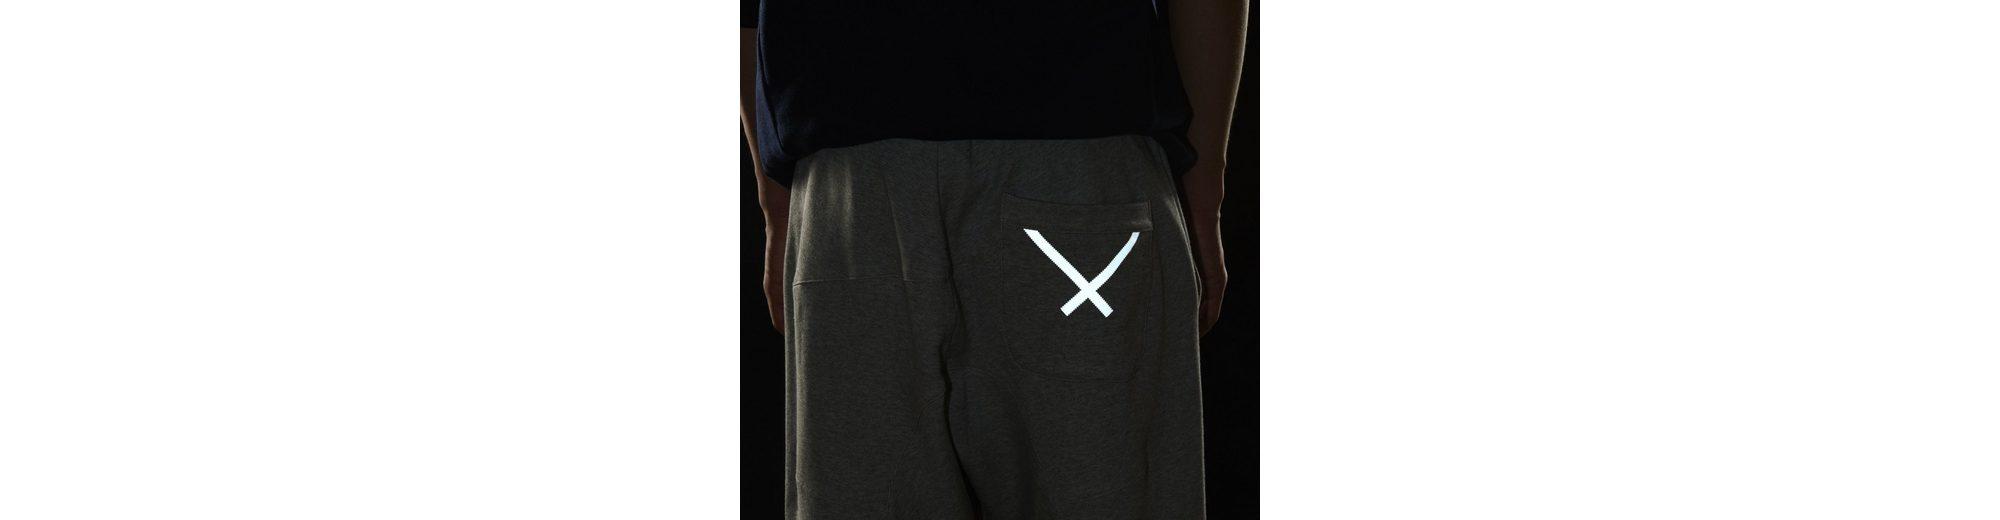 Adidas Jogginghose Xbyo Adidas Originals Sporthose Originals Sporthose dqYHxgg